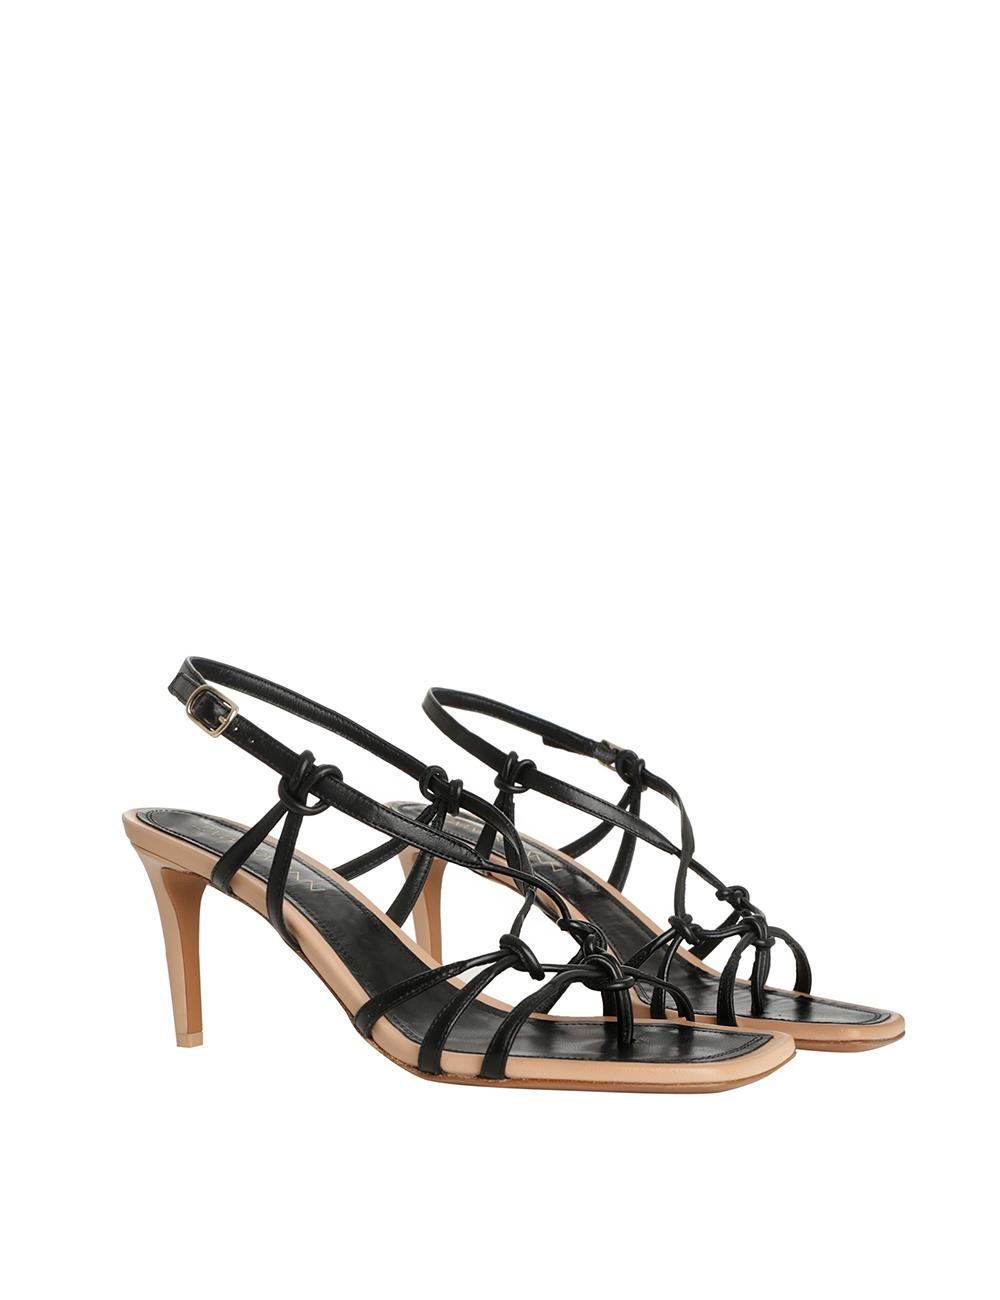 Shop Women's Designer Sandals Online | ZIMMERMANN